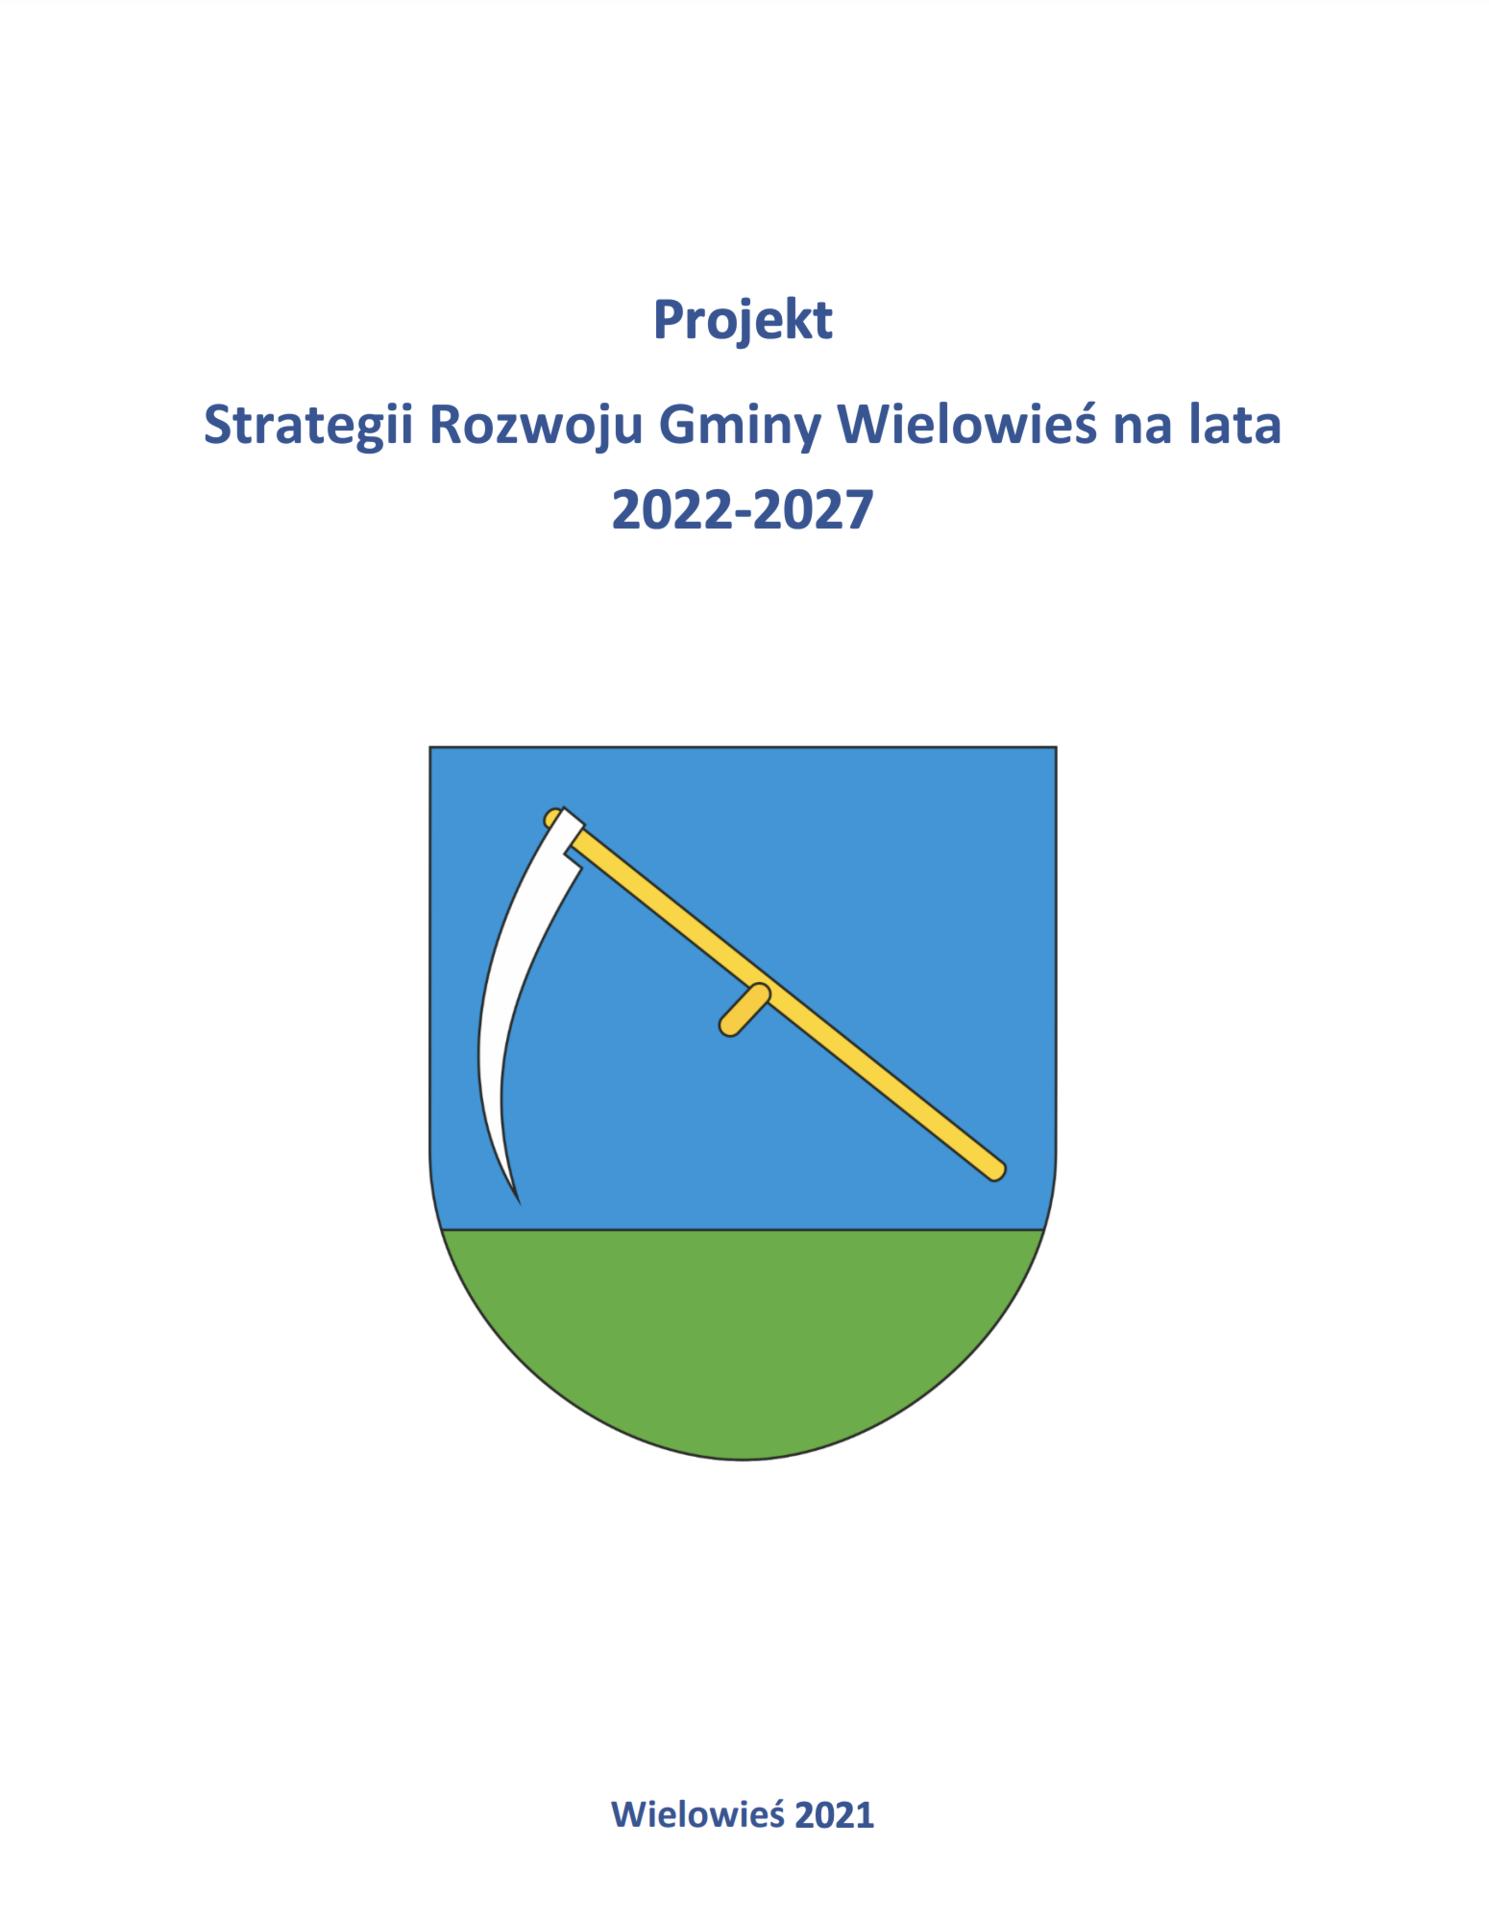 Projekt Strategii.png